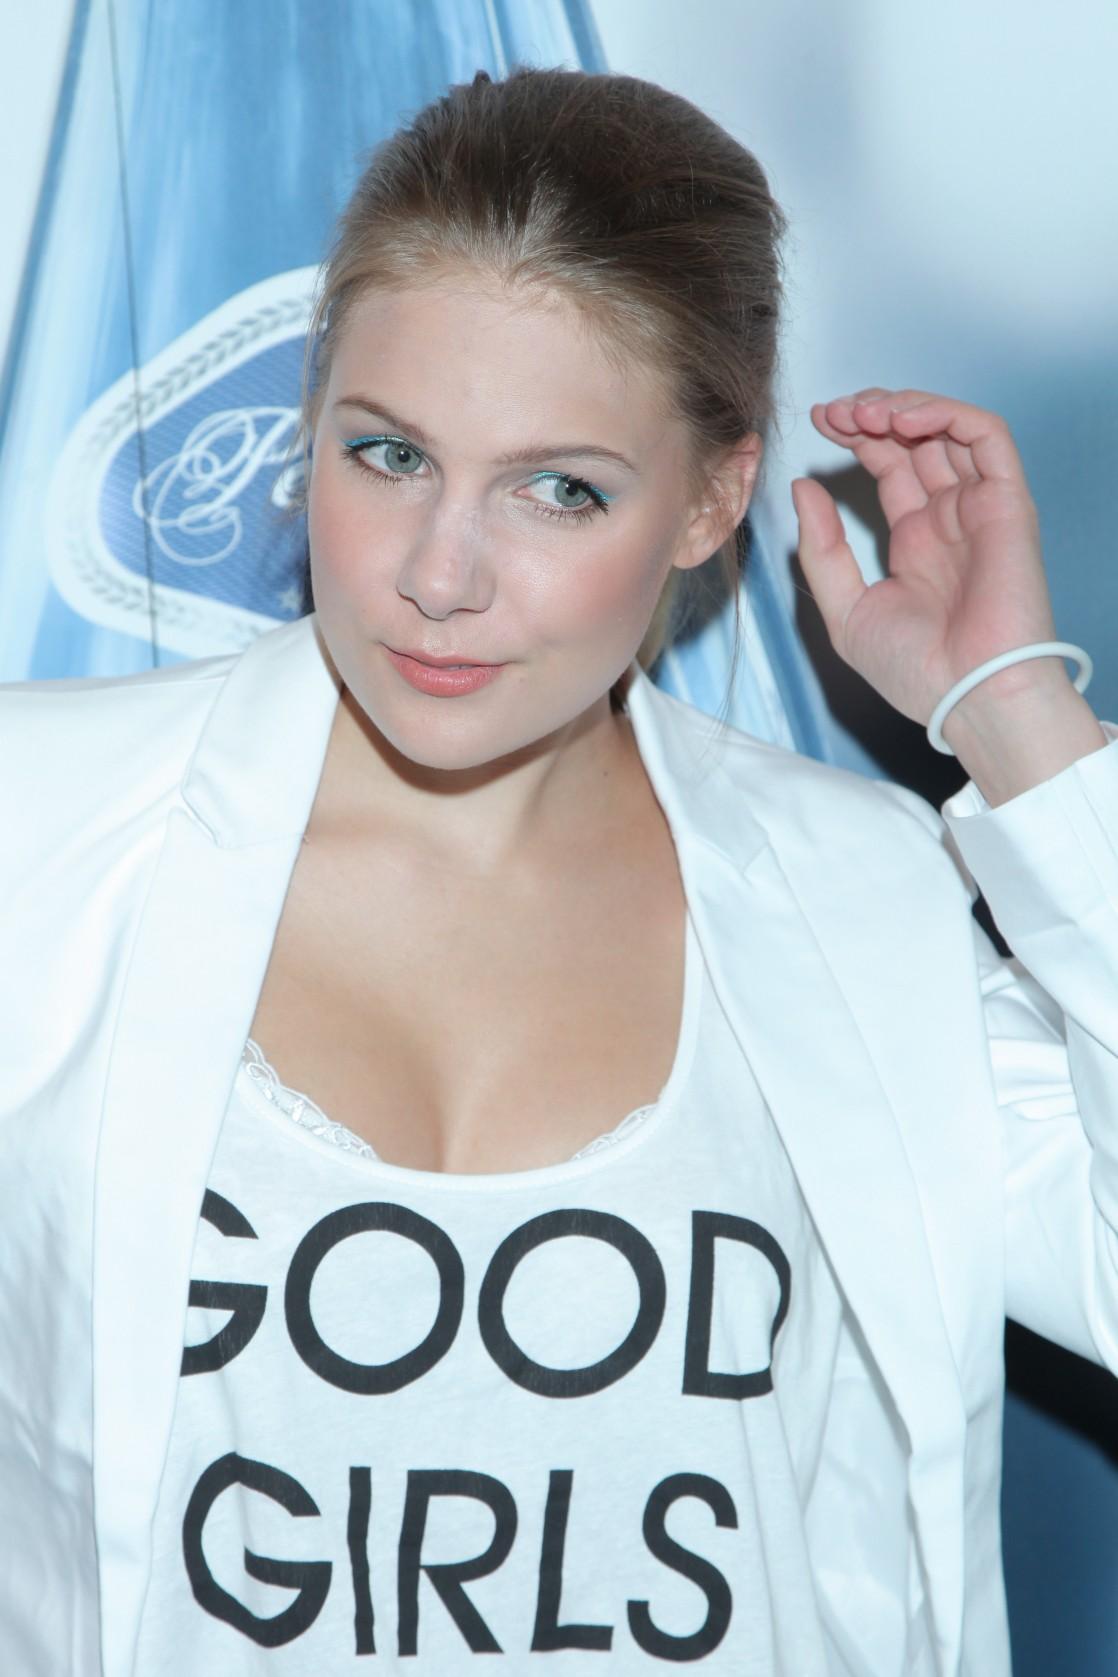 Marta Wierzbicka was with good girls.jpg